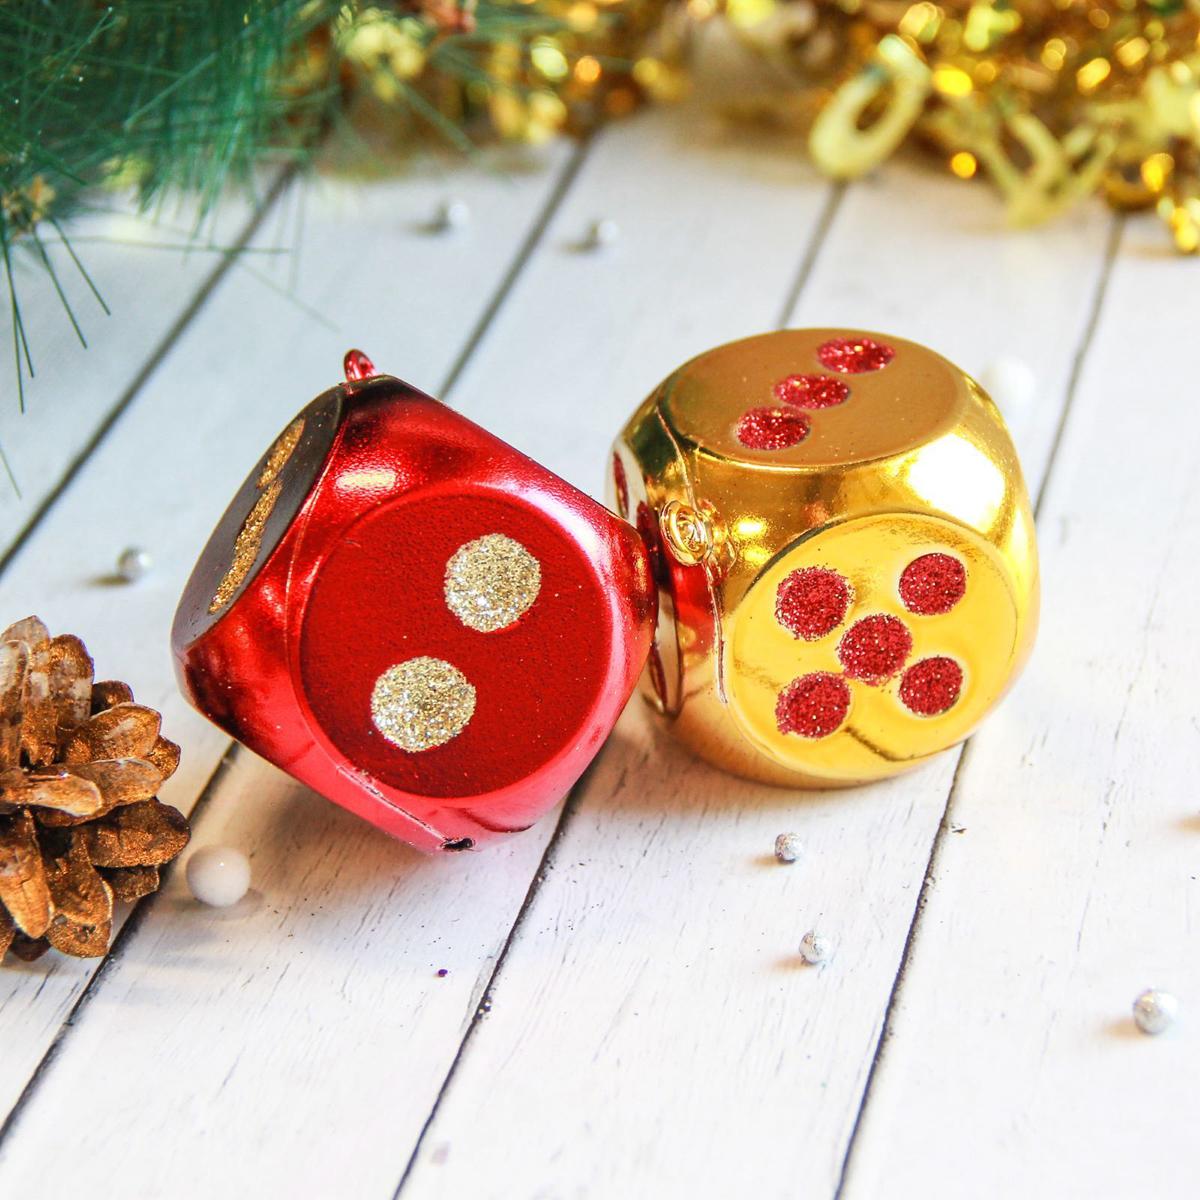 Набор новогодних подвесных украшений Кубики, 5 х 5 см, 9 шт2122488Набор новогодних подвесных украшений отлично подойдет для декорации вашего дома и новогодней ели. С помощью специальной петельки украшение можно повесить в любом понравившемся вам месте. Но, конечно, удачнее всего оно будет смотреться на праздничной елке.Елочная игрушка - символ Нового года. Она несет в себе волшебство и красоту праздника. Такое украшение создаст в вашем доме атмосферу праздника, веселья и радости.